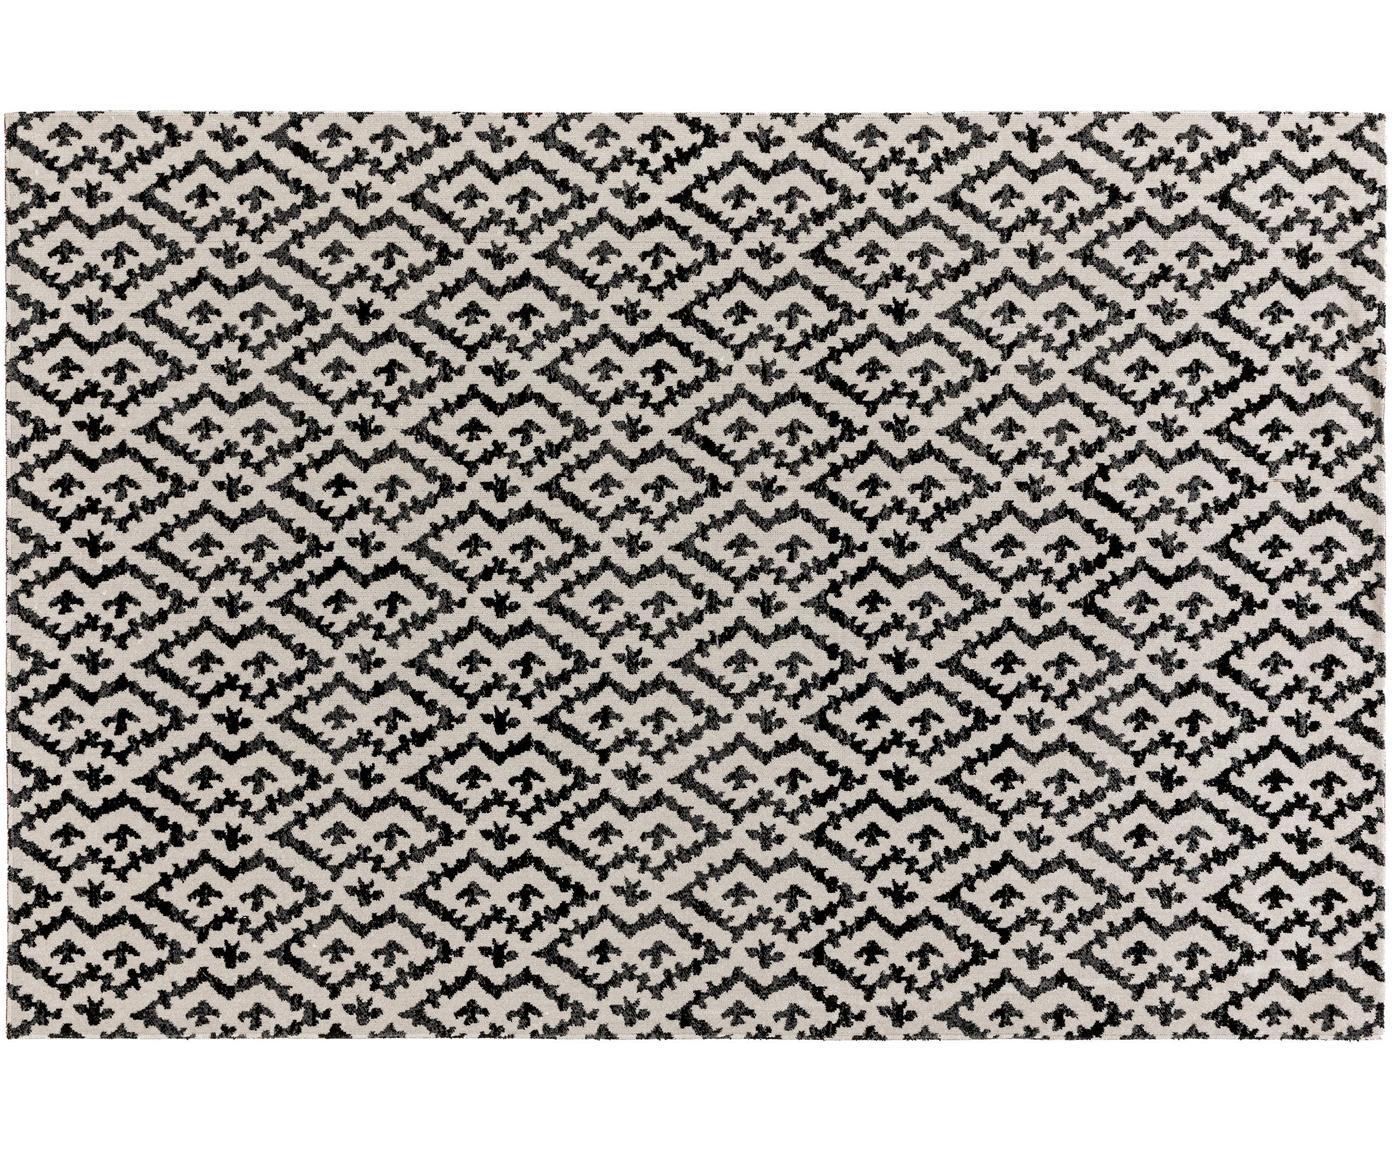 In- & outdoor vloerkleed Jerry in ethno stijl, Polypropyleen, Zwart, wit, B 160 x L 230 cm (maat M)